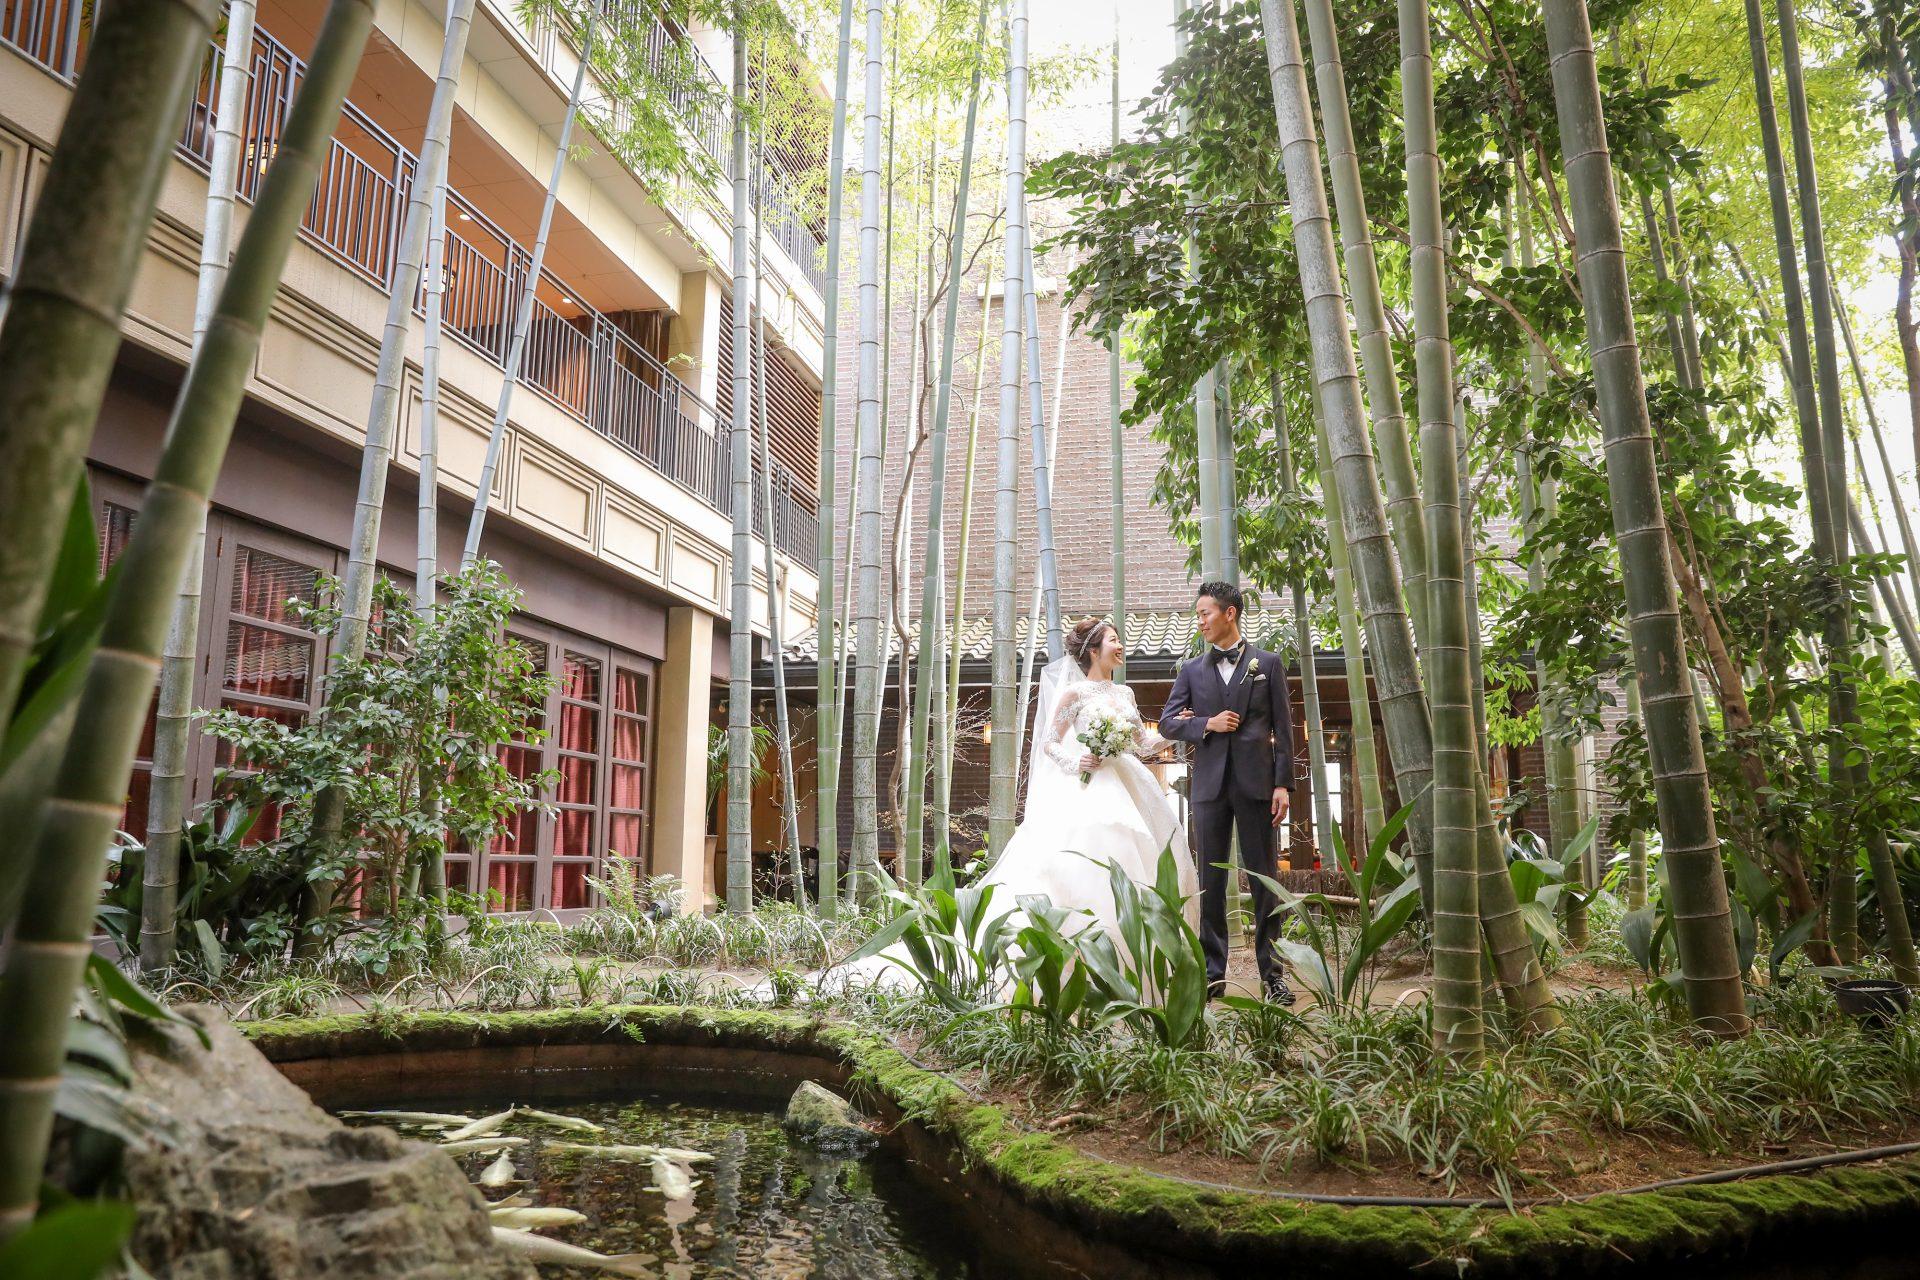 レースが美しくボリューム溢れるウエディングドレスとネイビーのタキシードをフォーチュンガーデン京都の竹林の前でお召しになられている新郎新婦様